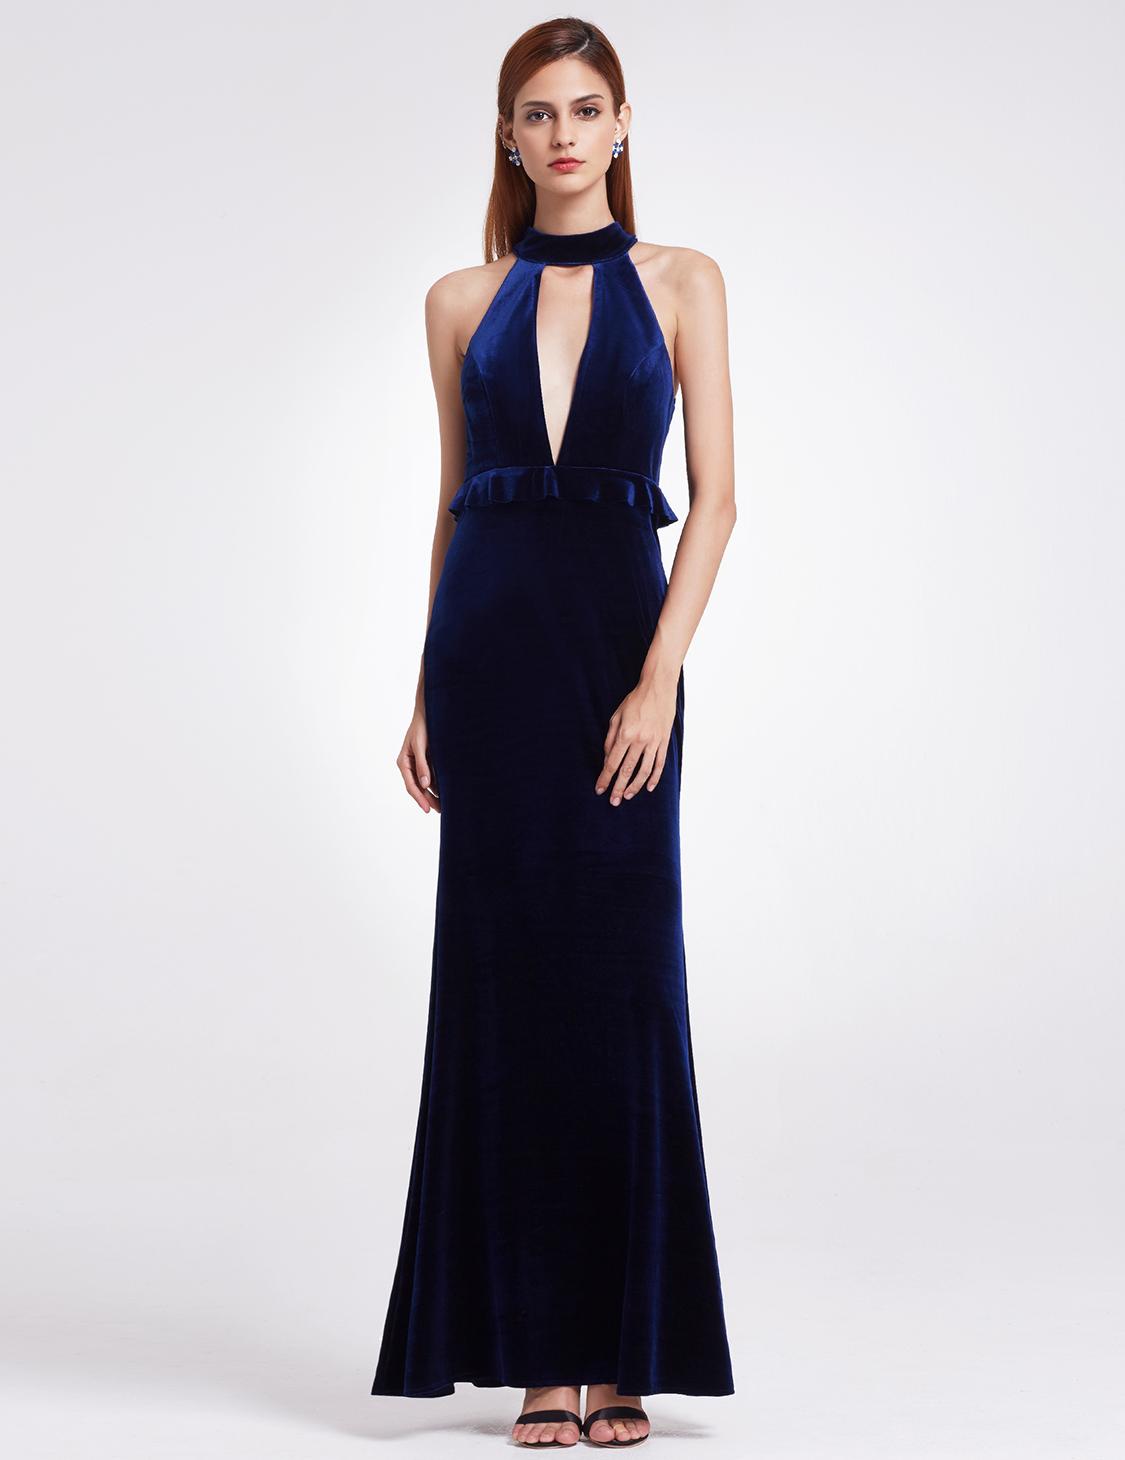 Velvet Evening Dress Deep V-Neck Halter Winter Party Dresses 07180 ...